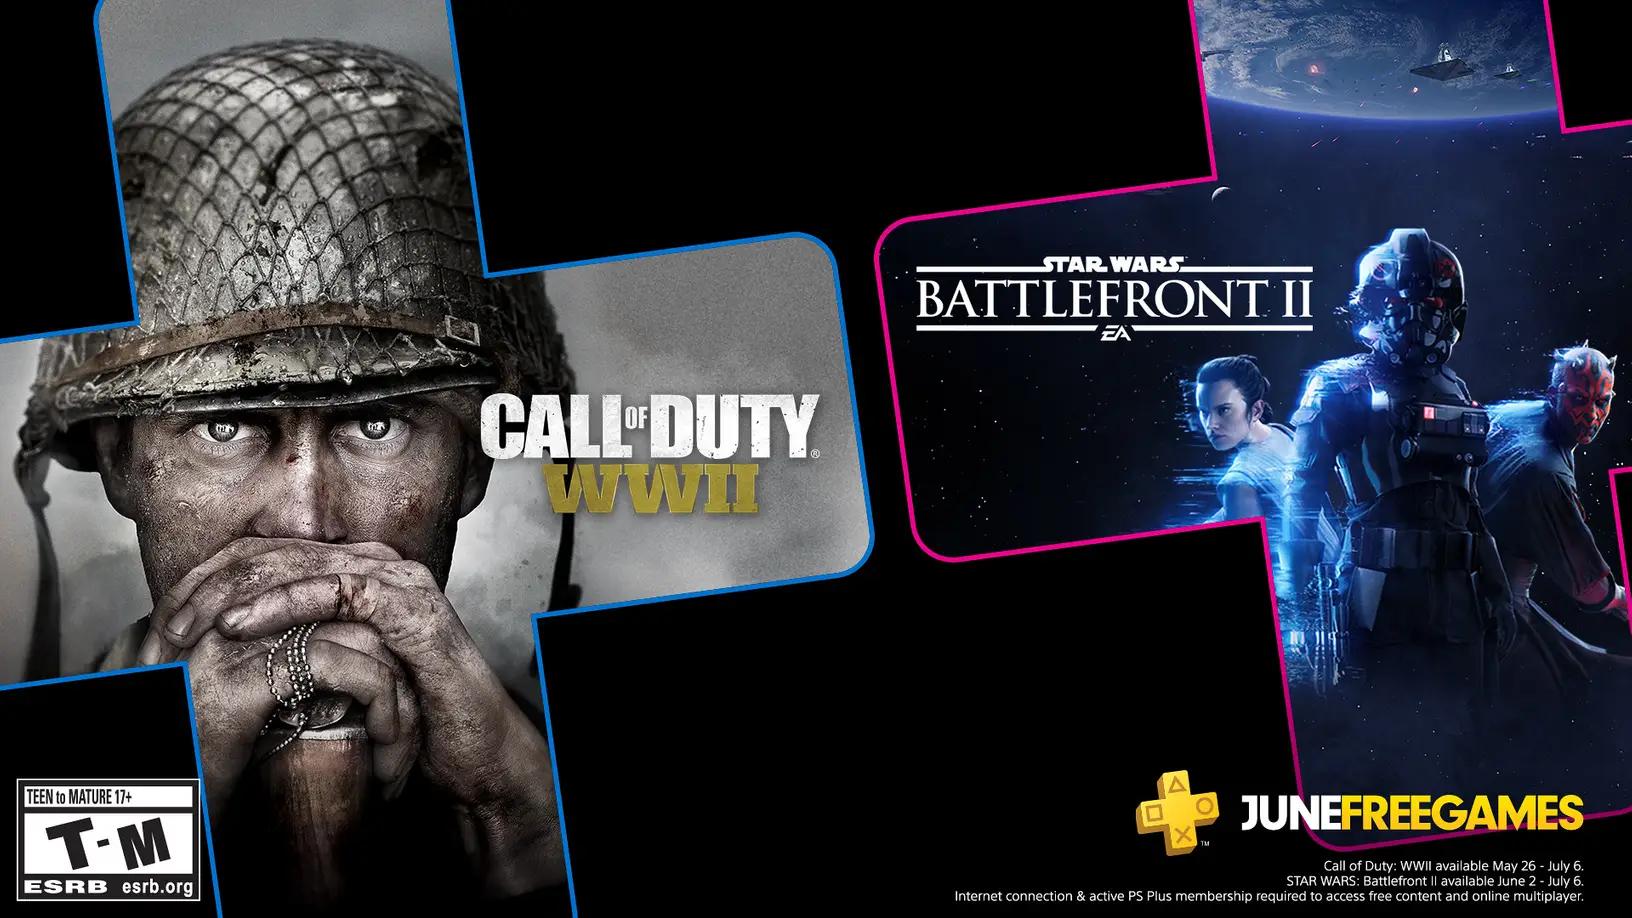 Call of Duty: WWII e Star Wars Battlefront 2 são os dois jogos grátis da PS Plus de Junho. (Foto: Reprodução/PlayStation Blog)